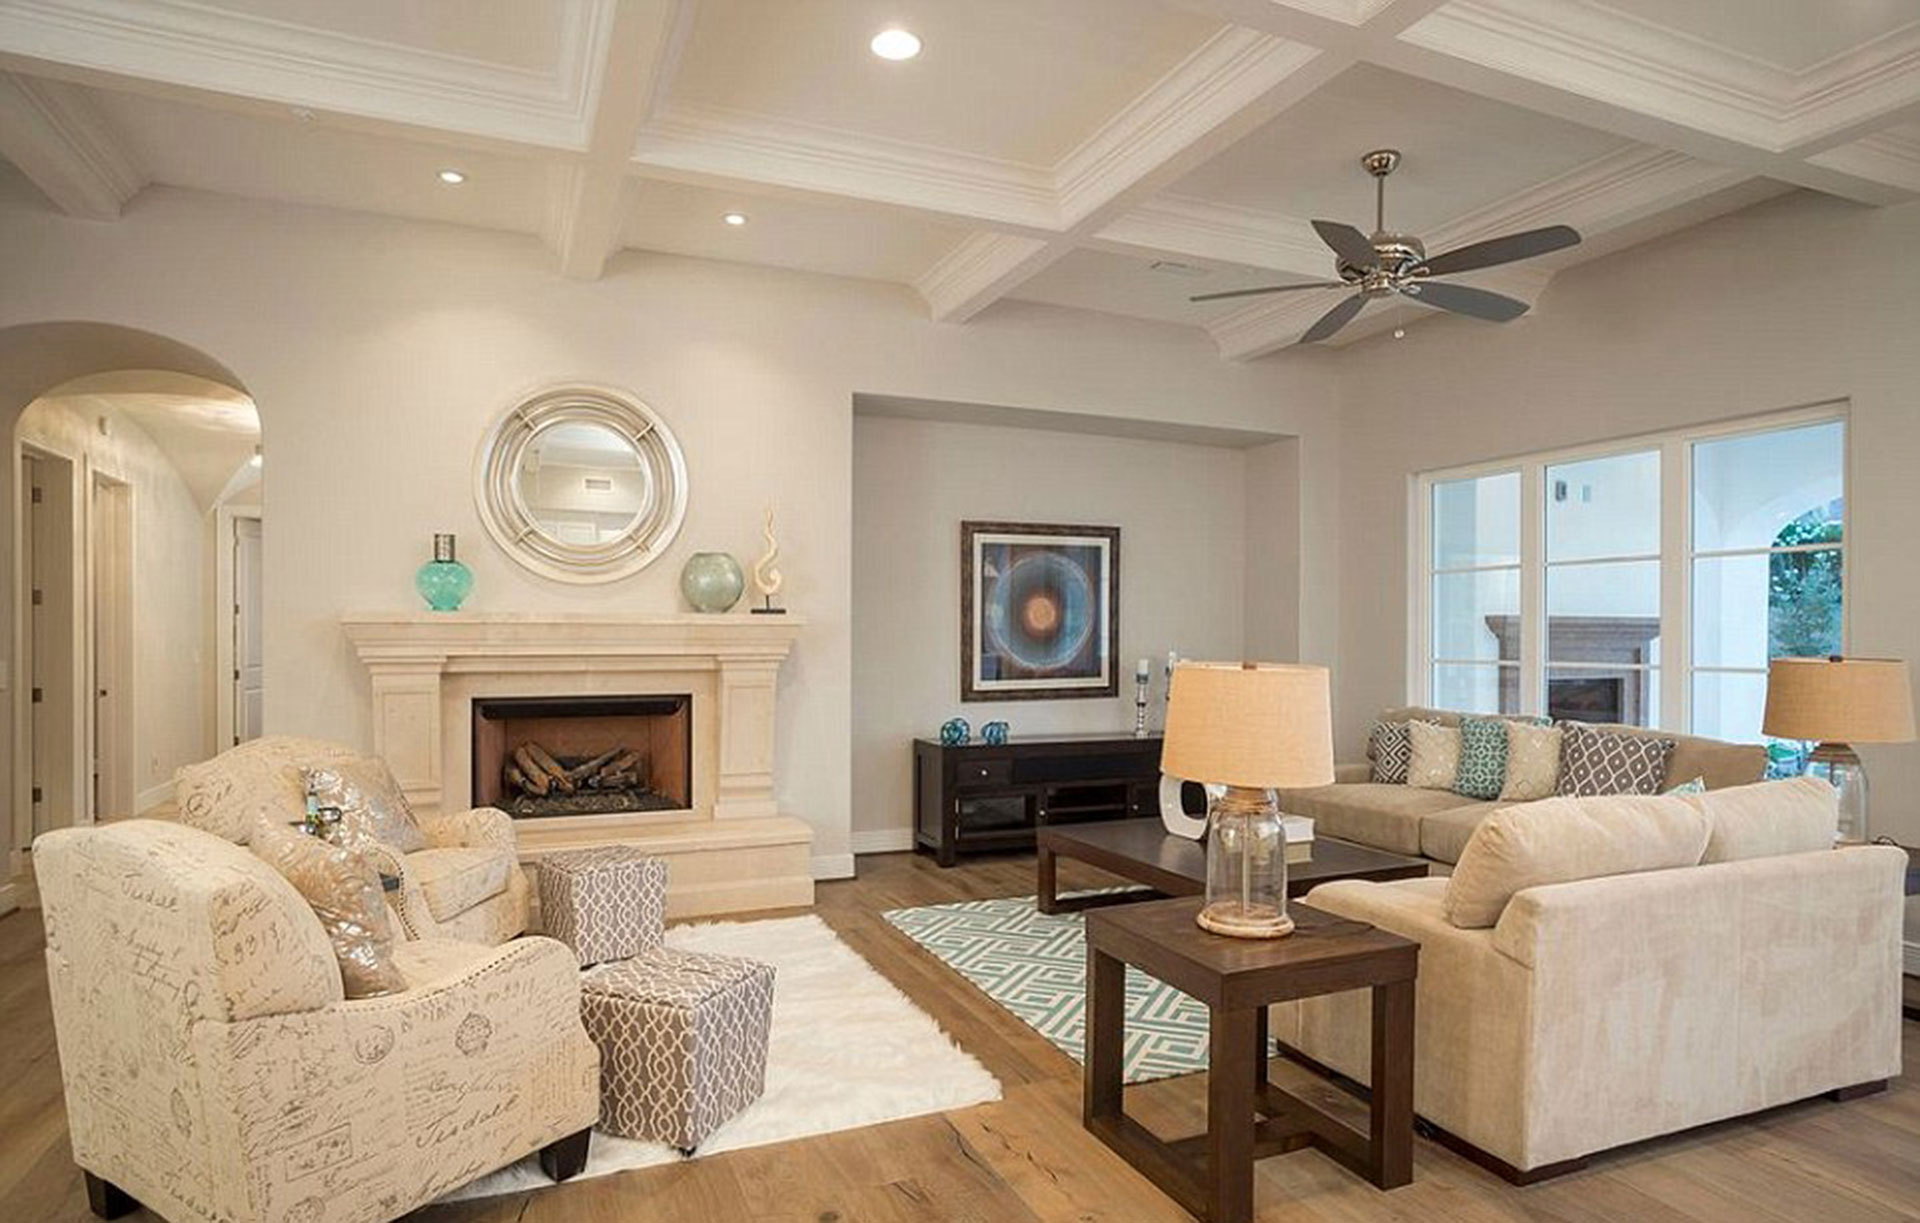 Otra de las salas de estar de la mansión que Phels adquirió en Scottsdale, Arizona